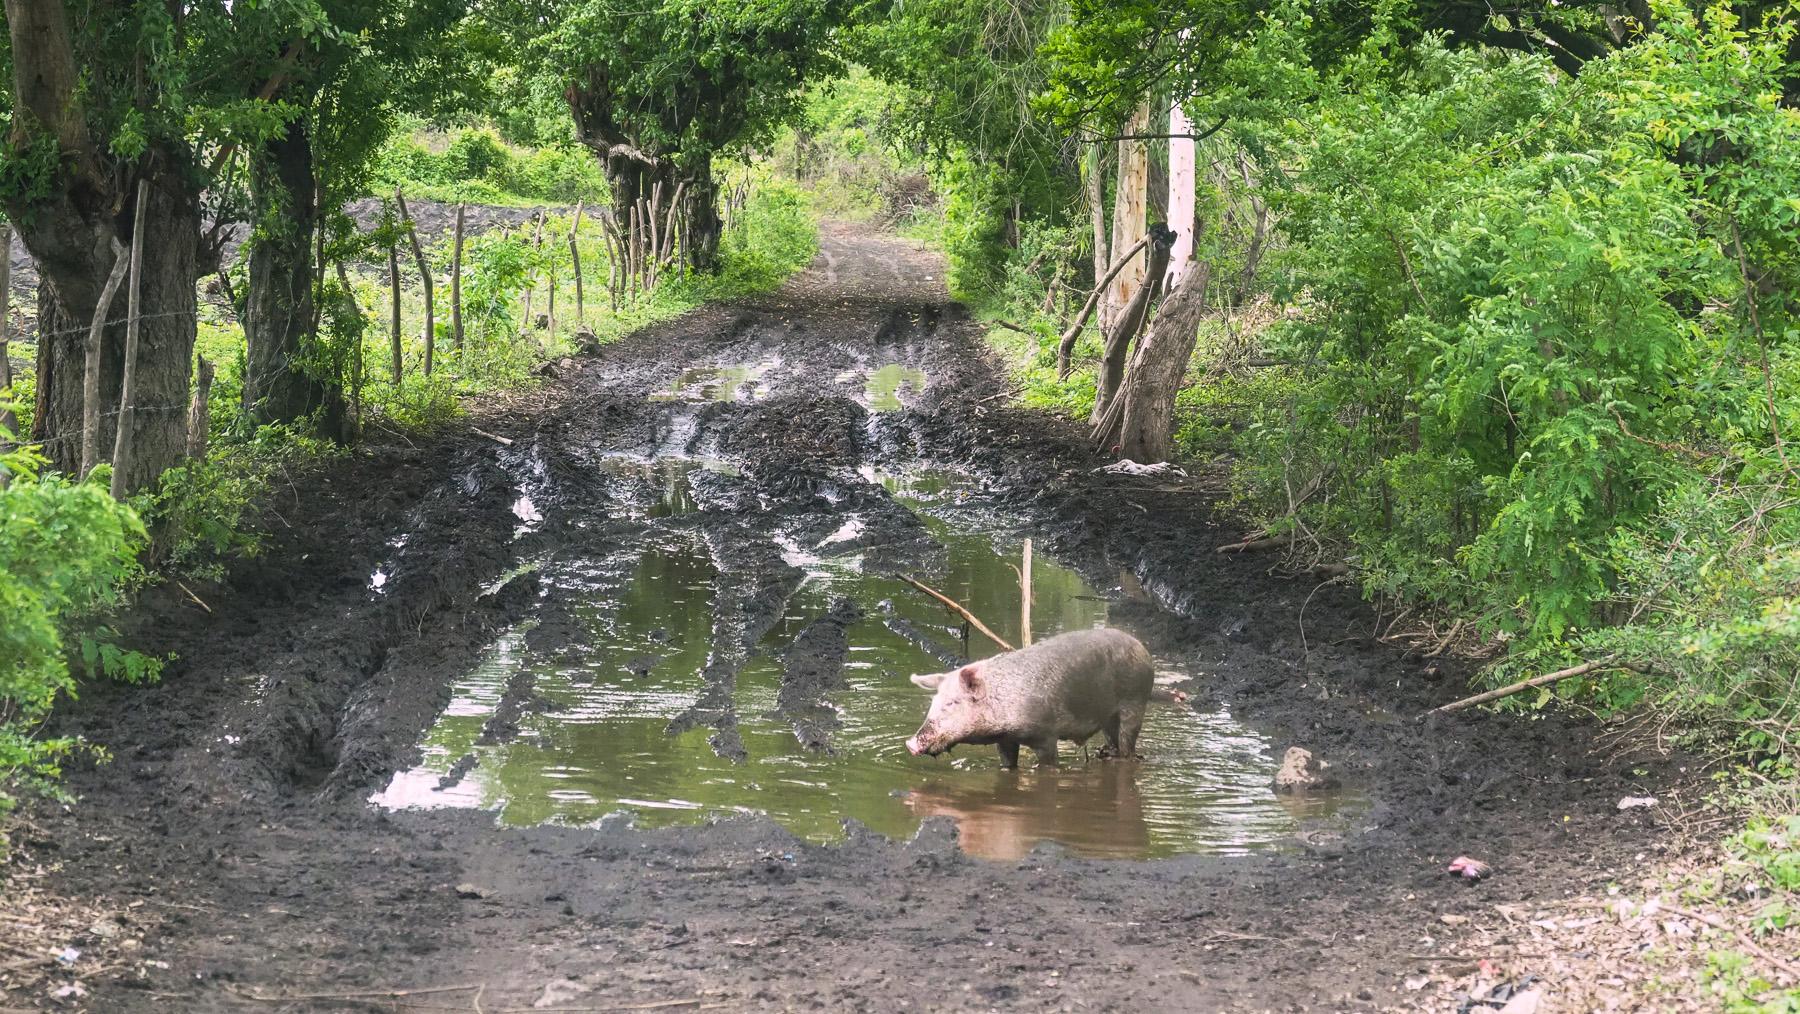 Kein Durchkommen mehr auf den Nebenstraßen in der Regenzeit